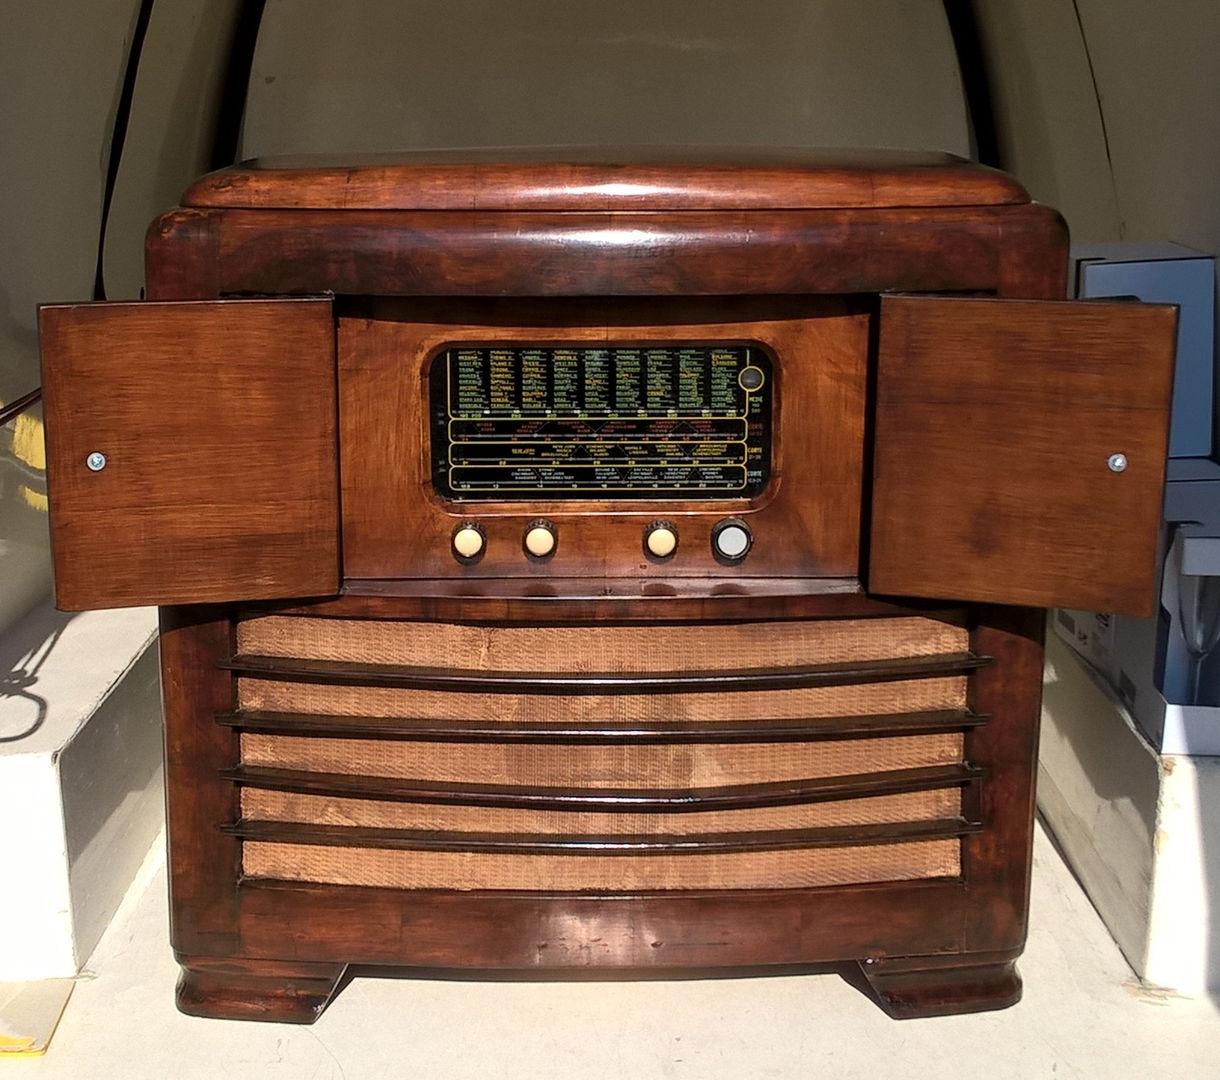 Radio restaurata e lucidata